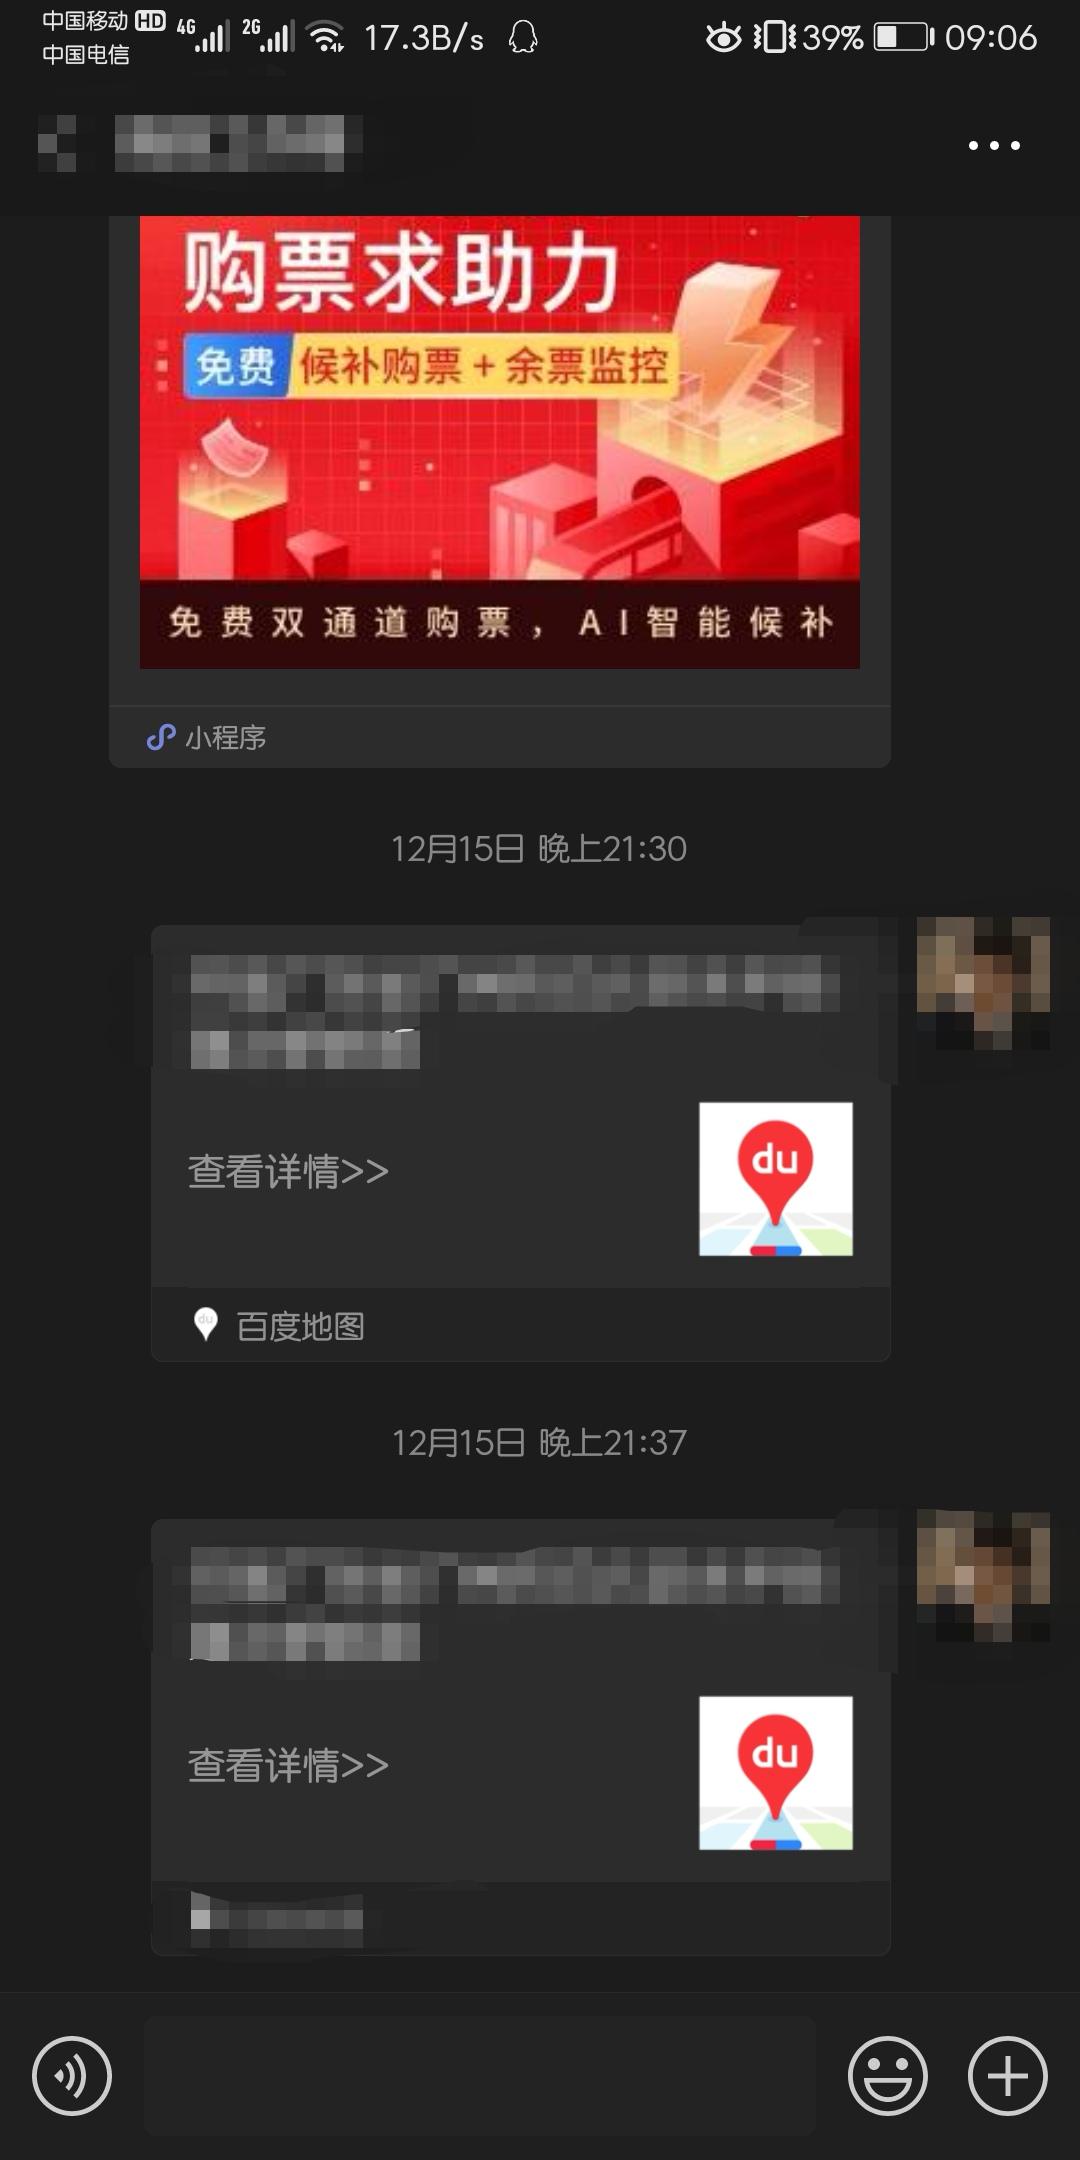 Screenshot_20191218_091037.jpg